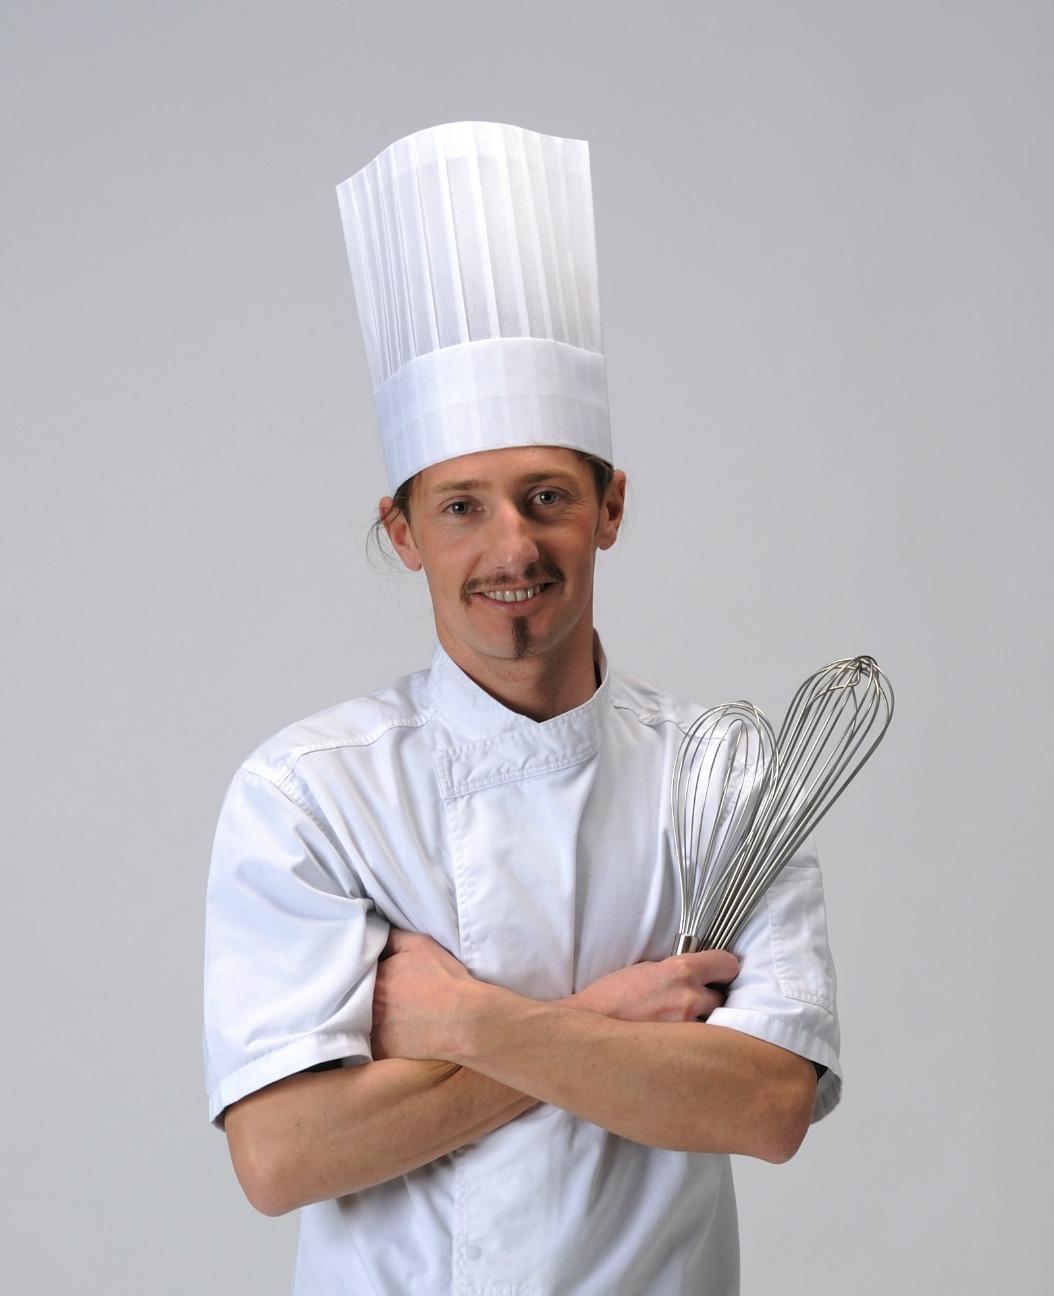 Corsi di pasticceria a genova a scuola da michel paquier douce - Corsi di cucina genova ...